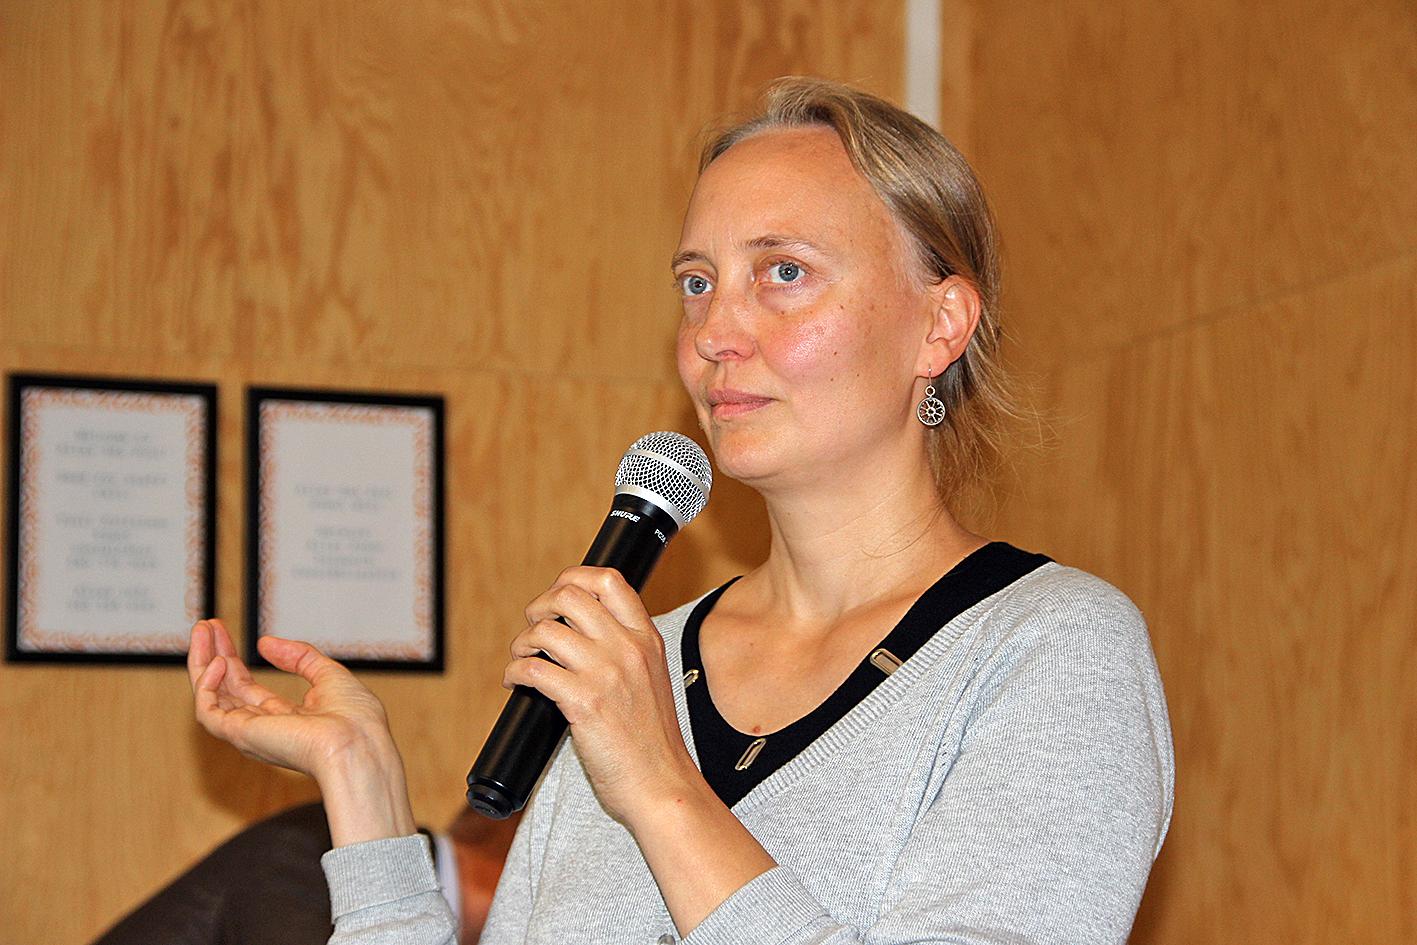 SLC - Ann Ojala